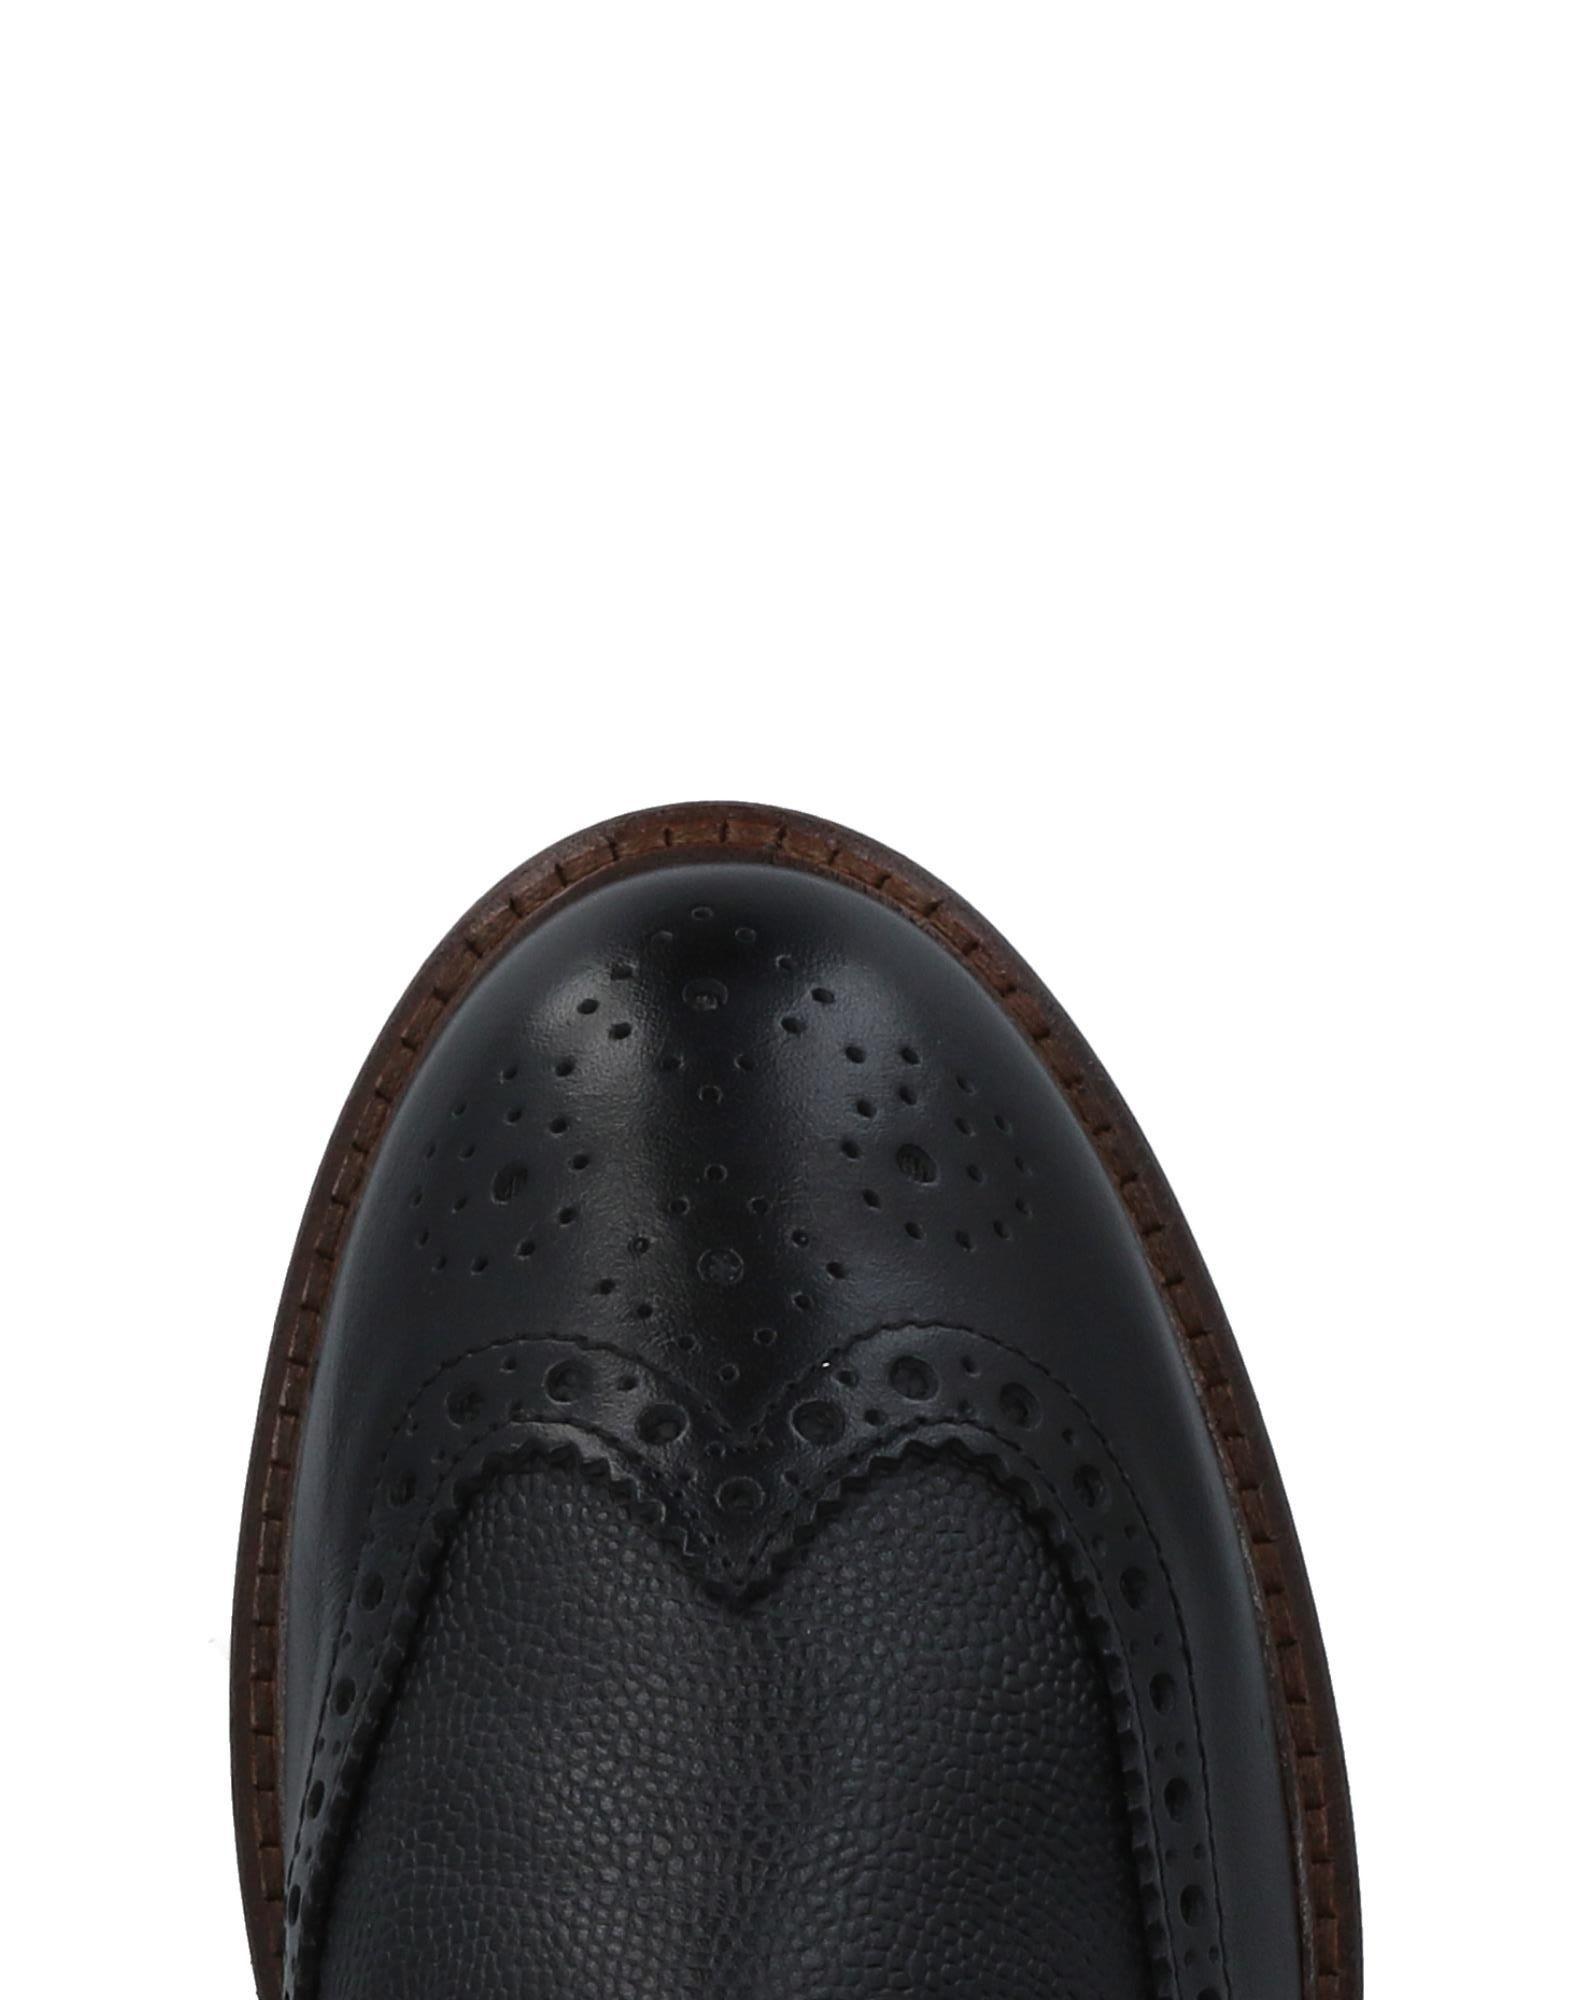 Rabatt echte Schuhe Herren At.P.Co Schnürschuhe Herren Schuhe  11479525RL 51d489